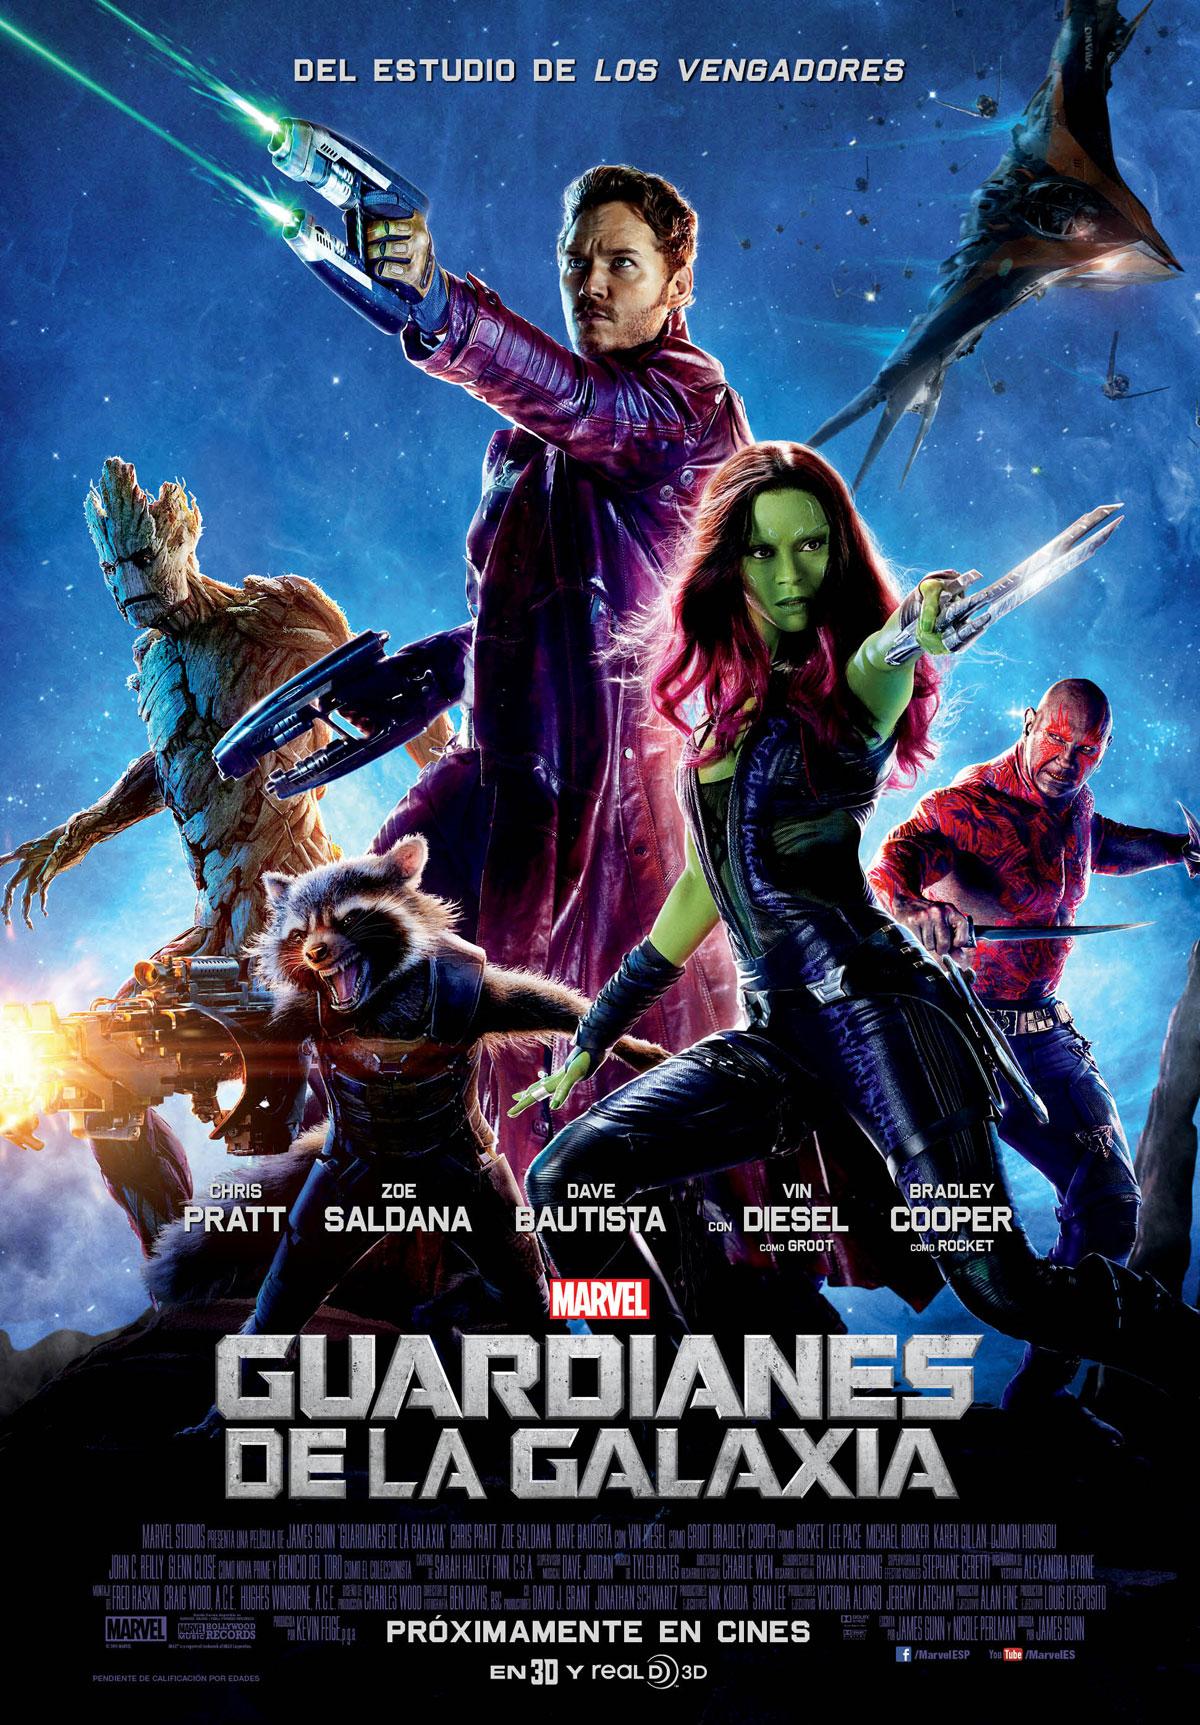 Guardianes de la galaxia - Película 2014 - SensaCine.com